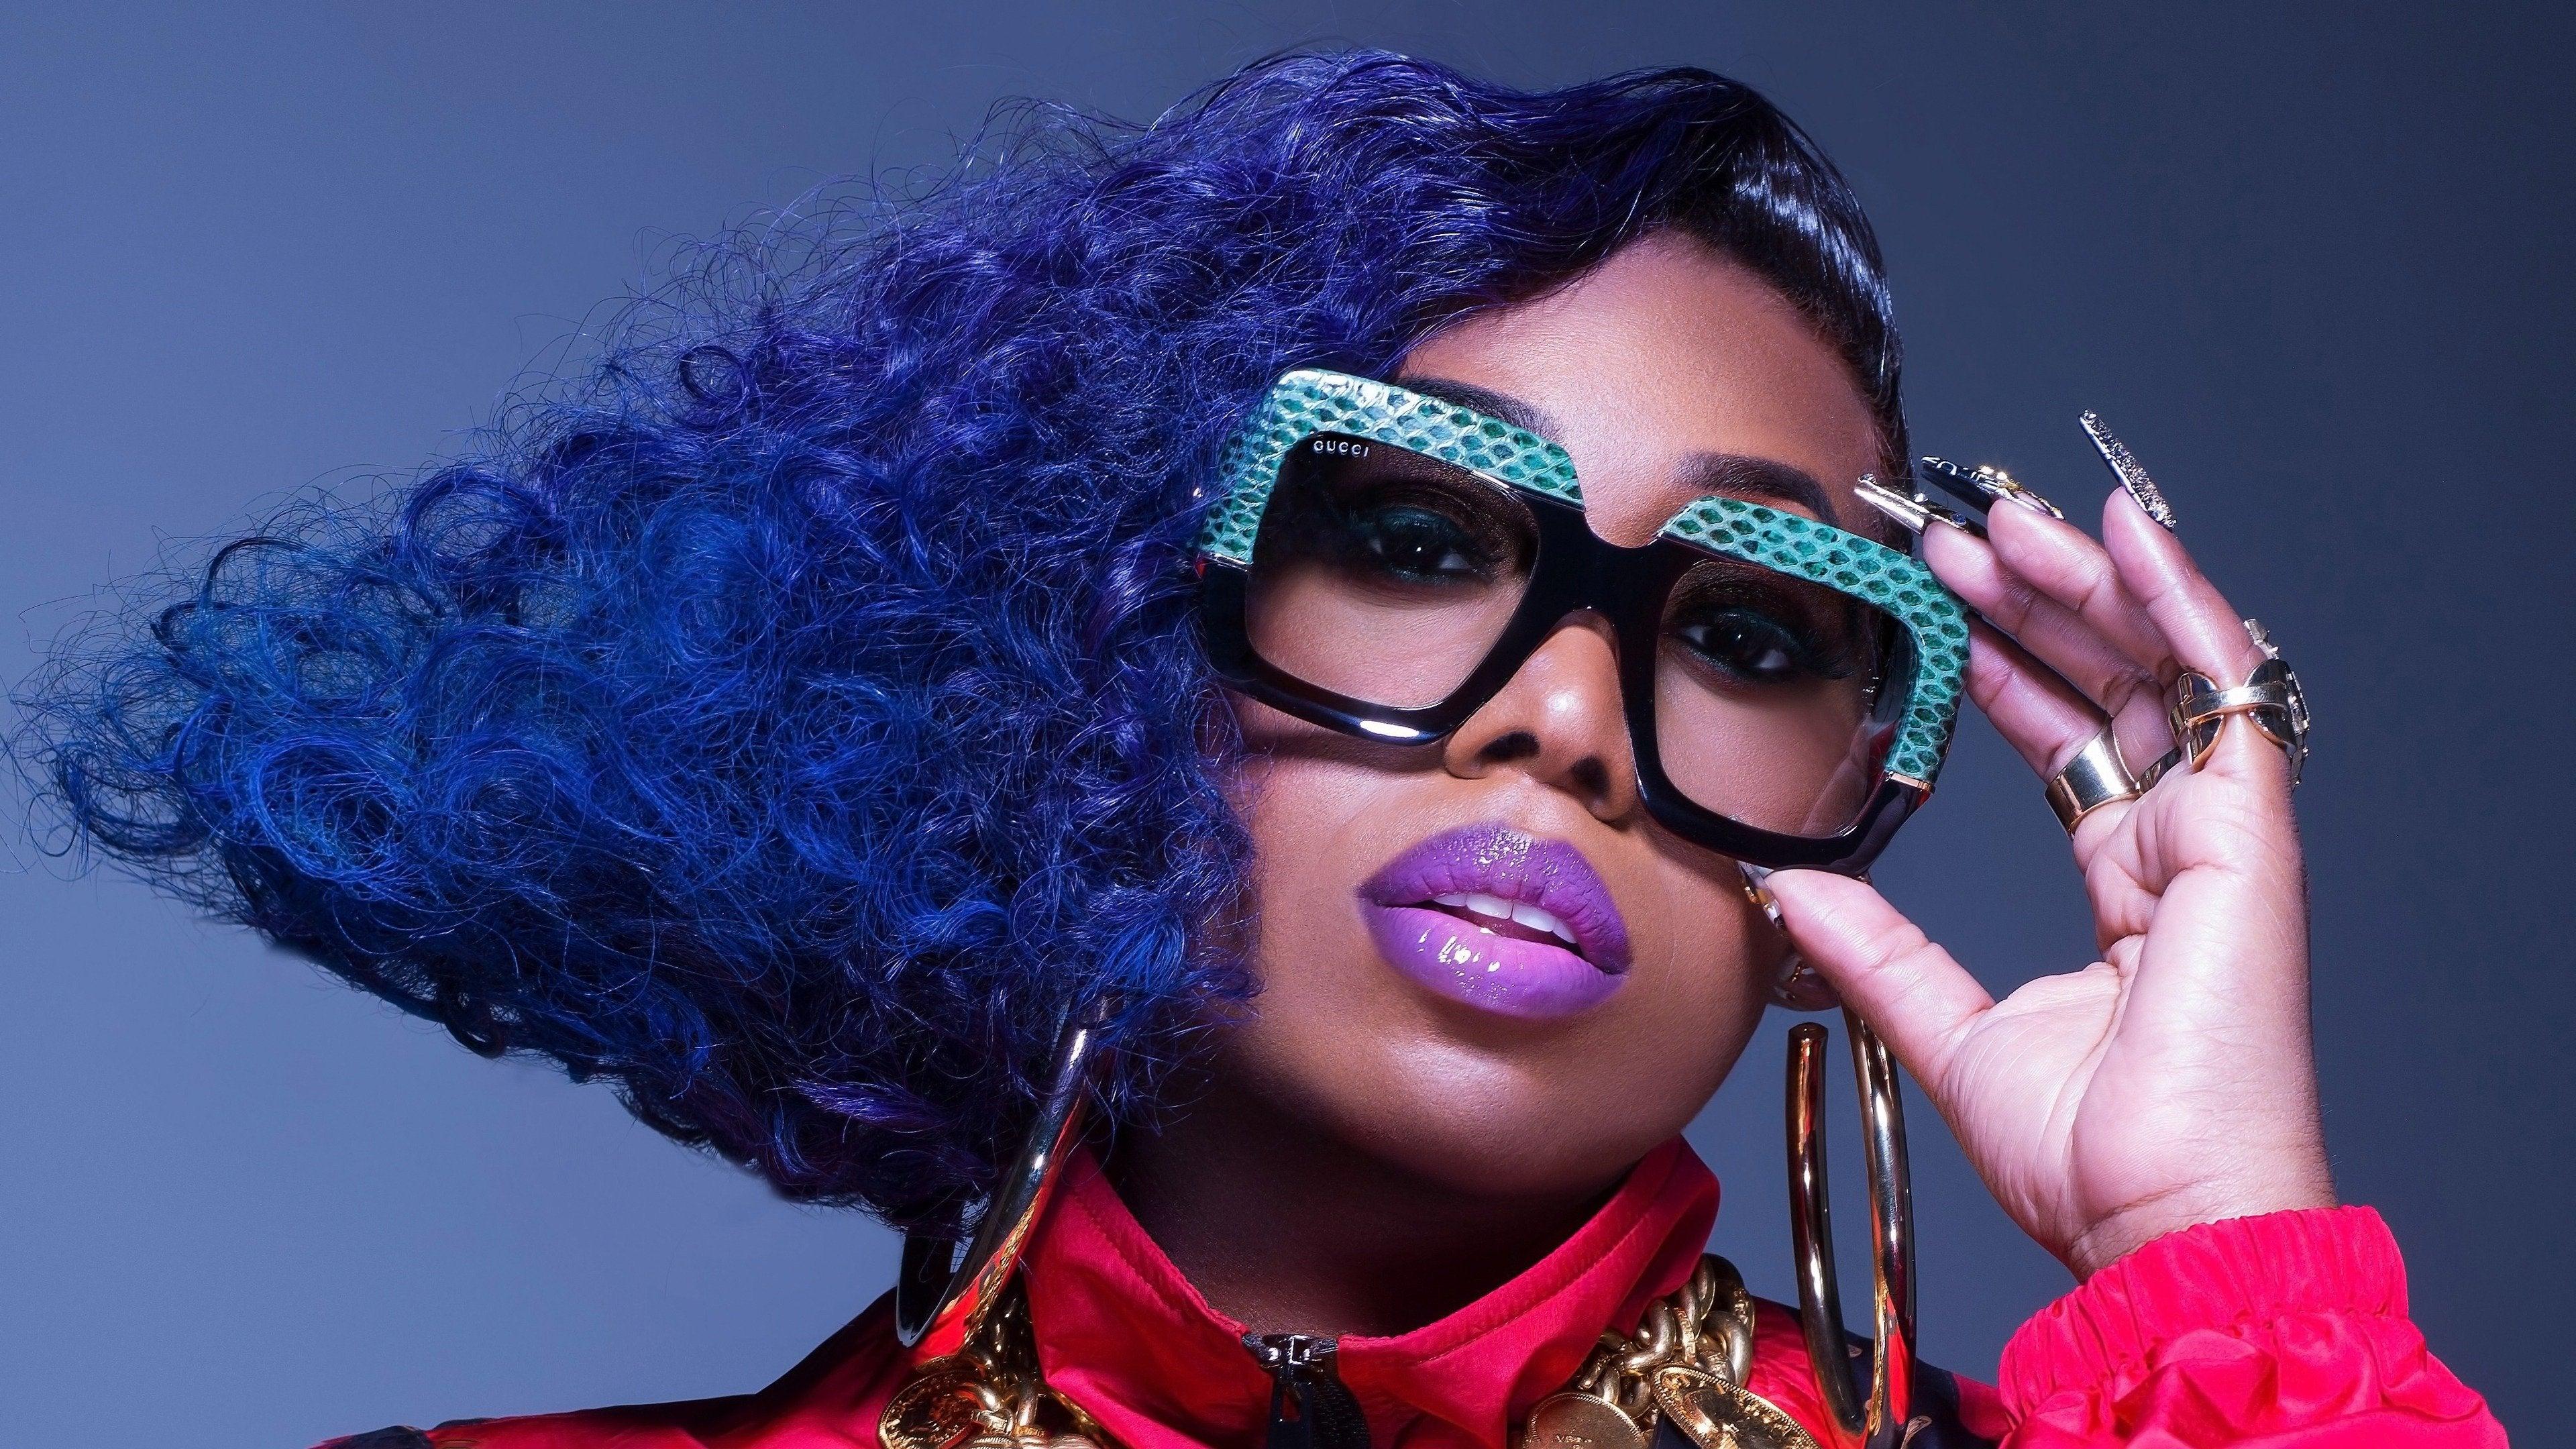 VMA'19 Video Vanguard: Missy Elliott